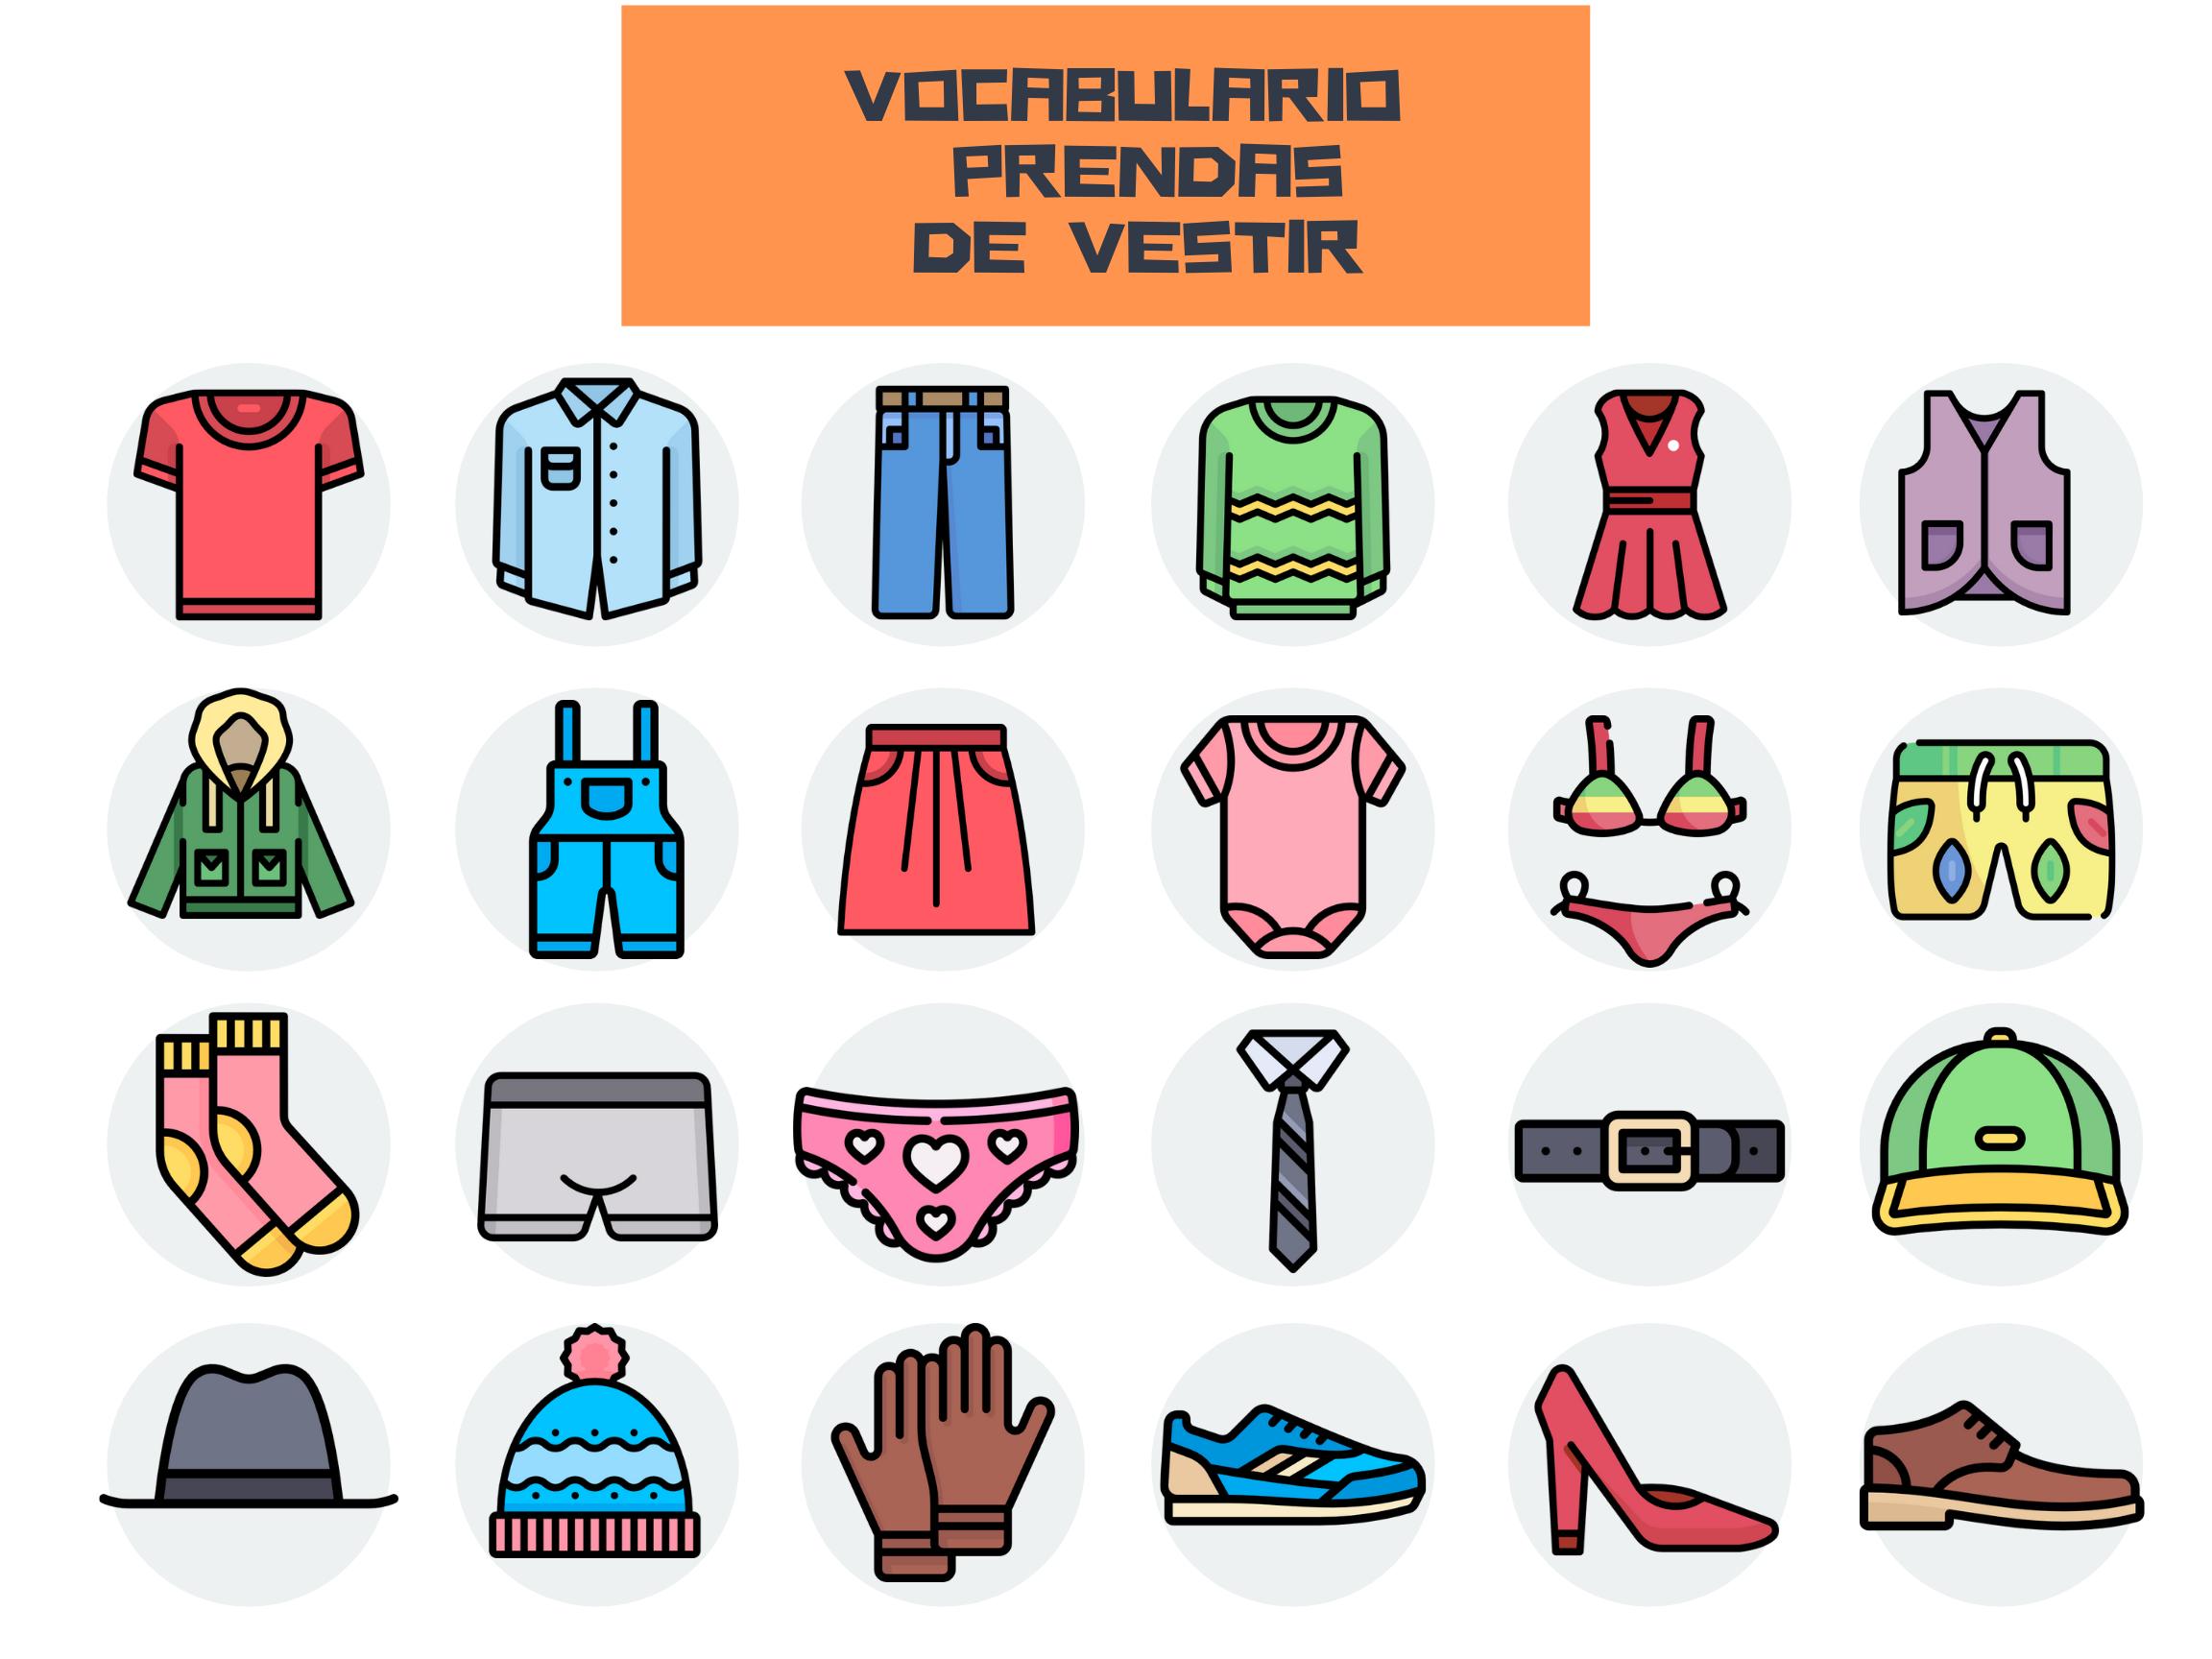 VOCABULARIO PRENDAS DE VESTIR